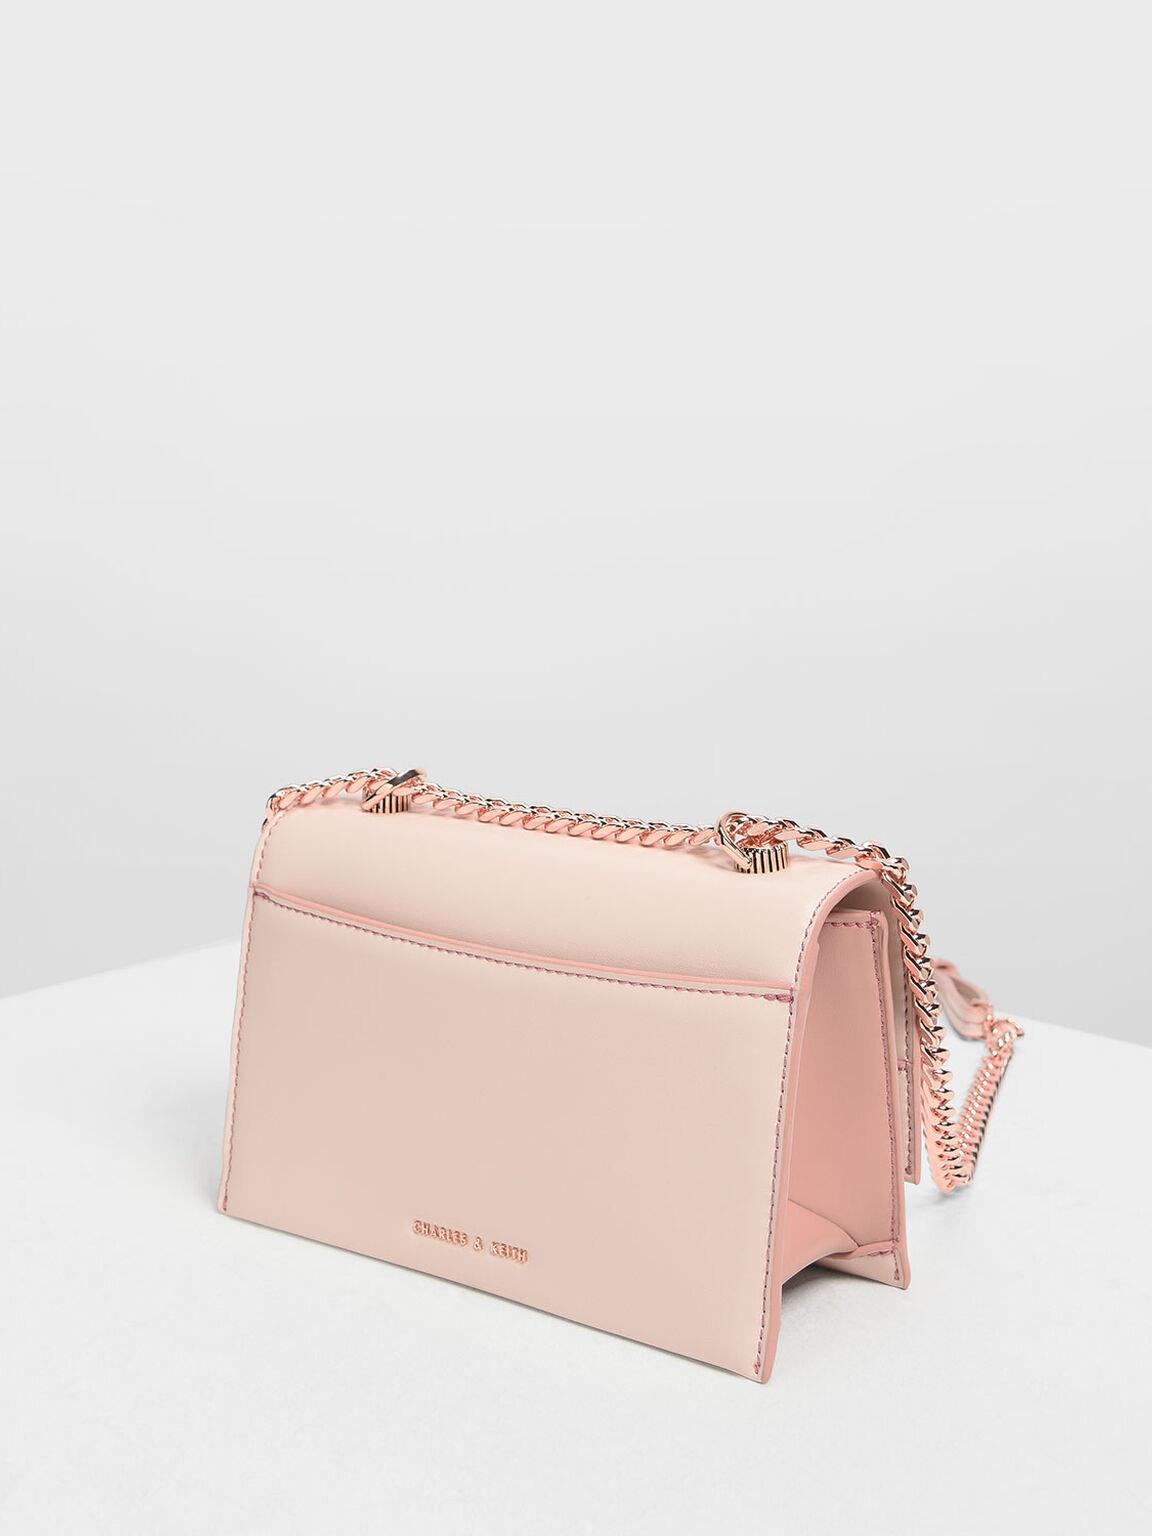 Chain & Strap Push Lock Shoulder Bag, Light Pink, hi-res